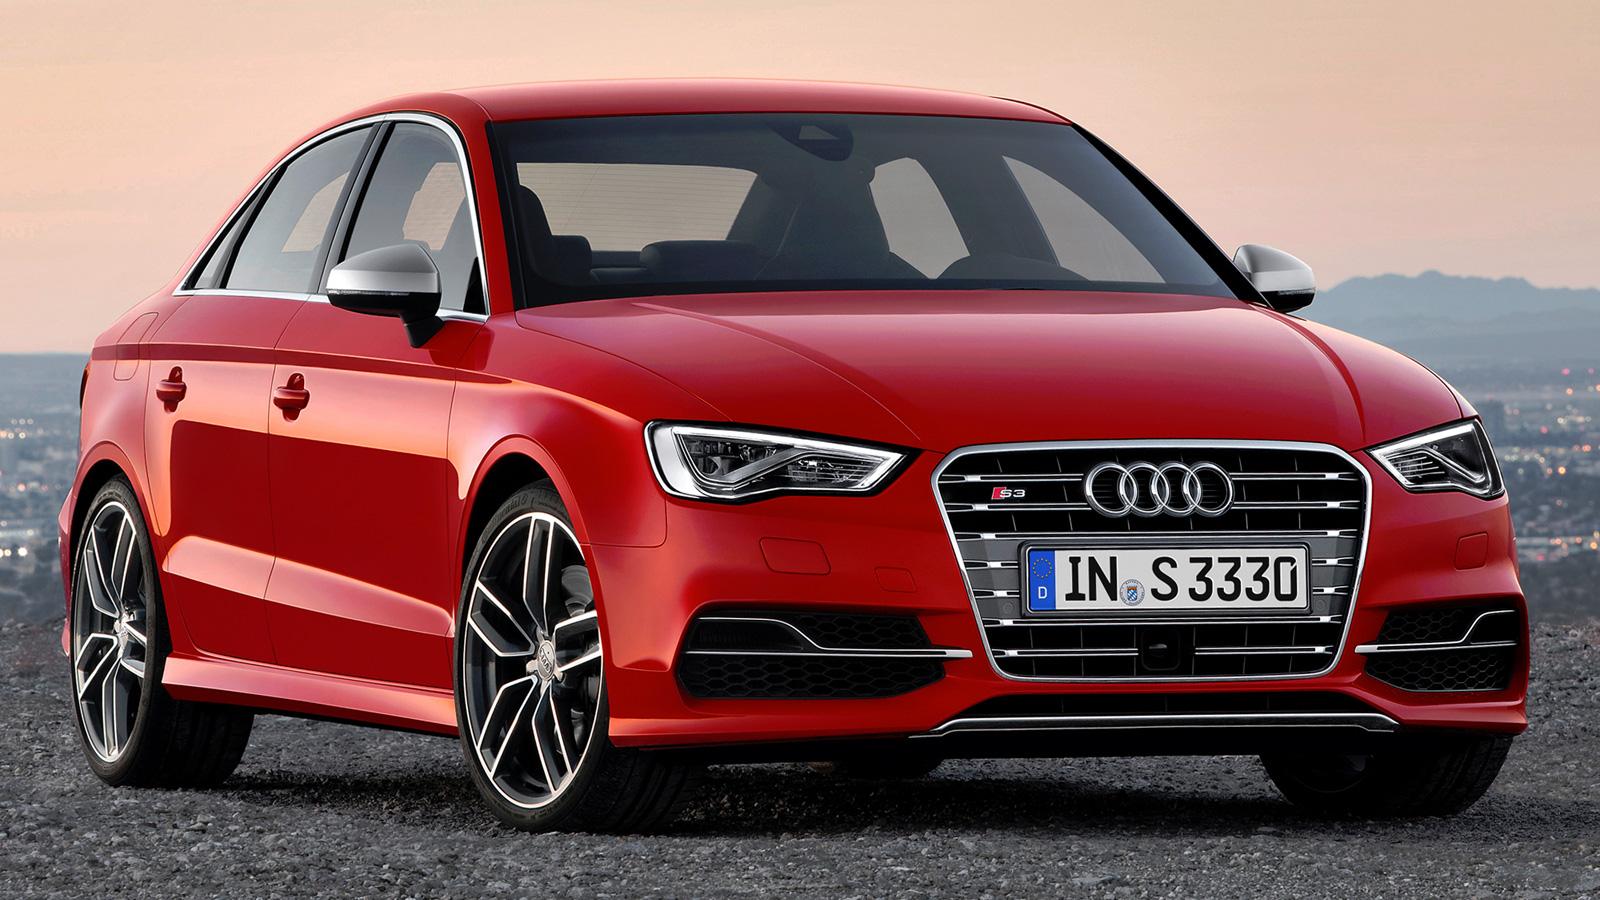 Спорт-седан Audi S3 третьего поколения